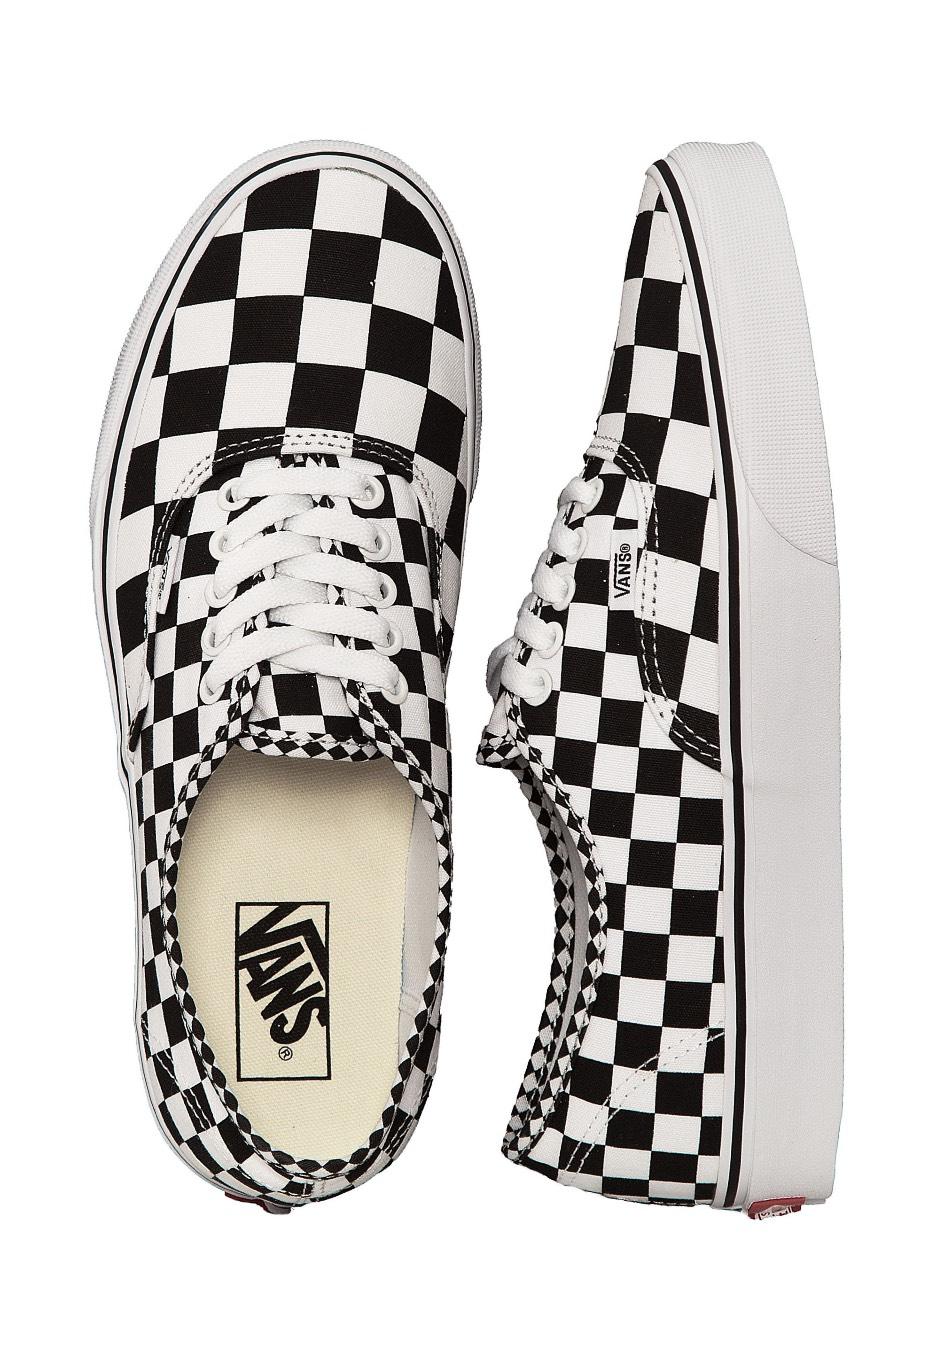 0ed48caf6c3 Vans - Authentic Mix Checker Black True White - Shoes - Impericon.com UK